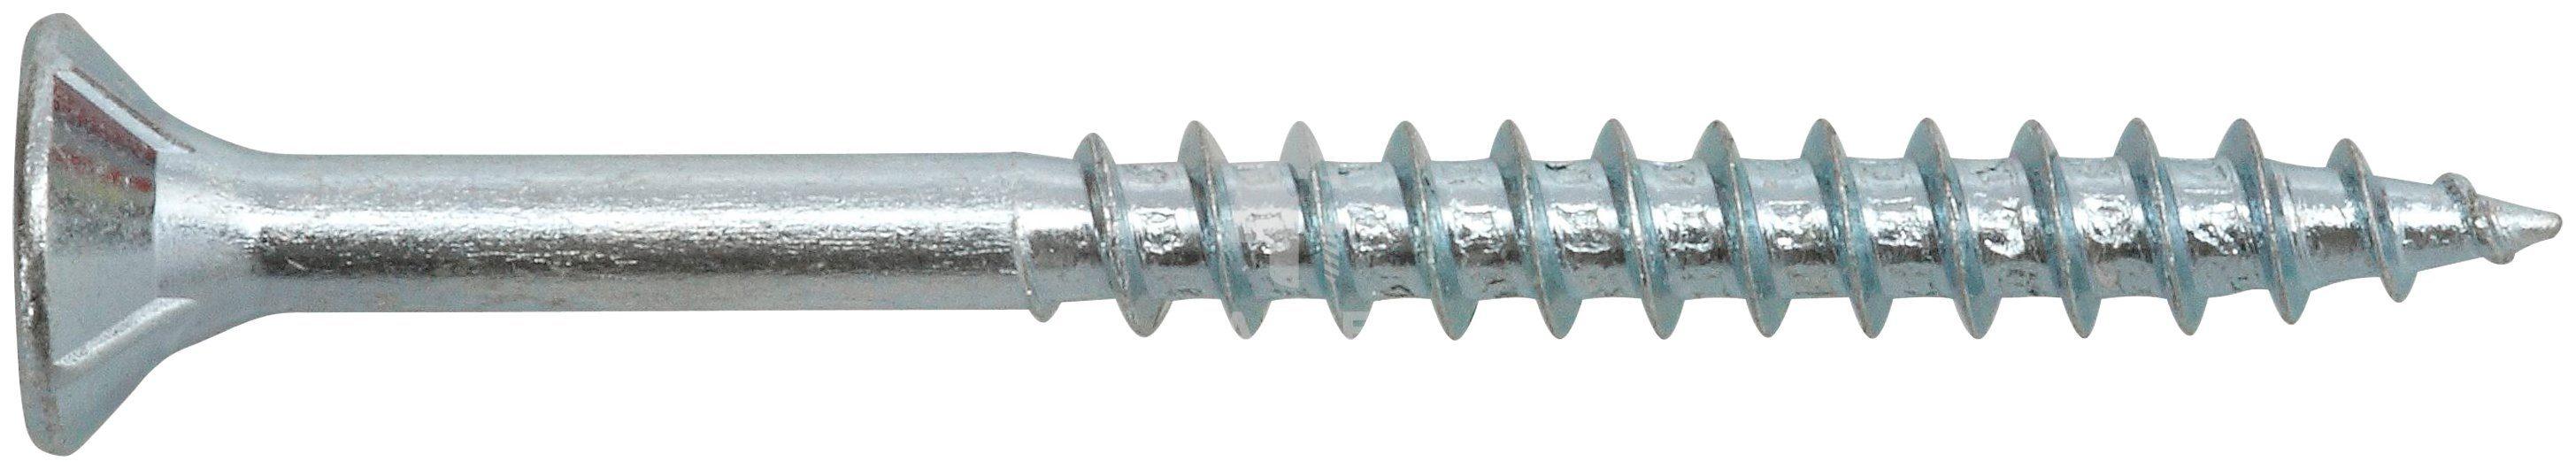 RAMSES Schrauben , Spanplattenschrauben 6 x 140 mm 50 Stk.